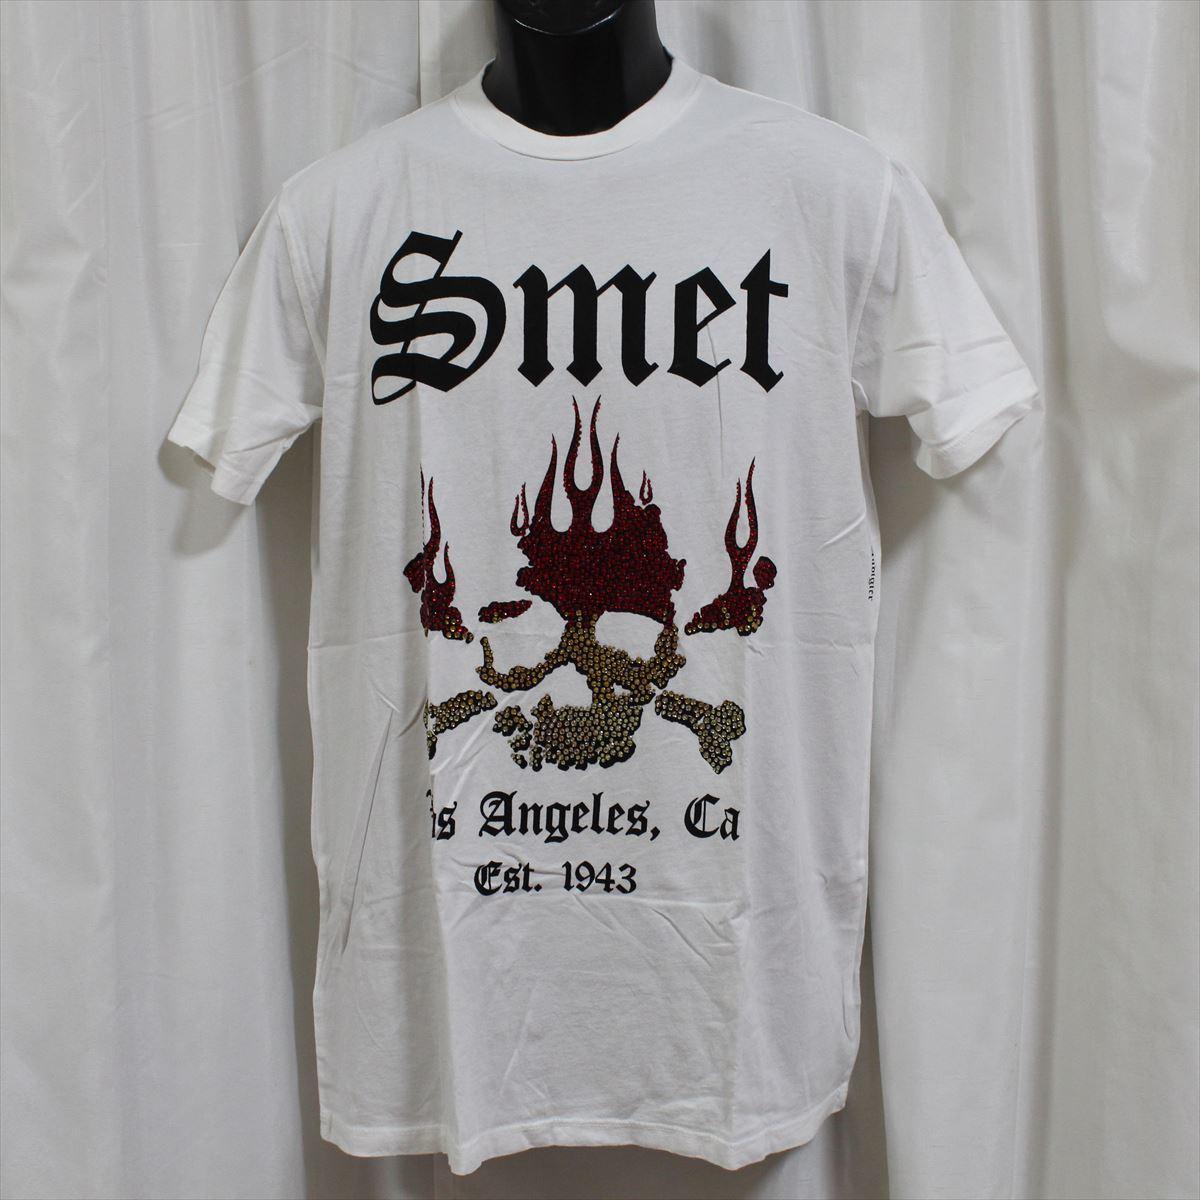 スメット SMET メンズ半袖Tシャツ ホワイト Sサイズ NO4 新品 白_画像1